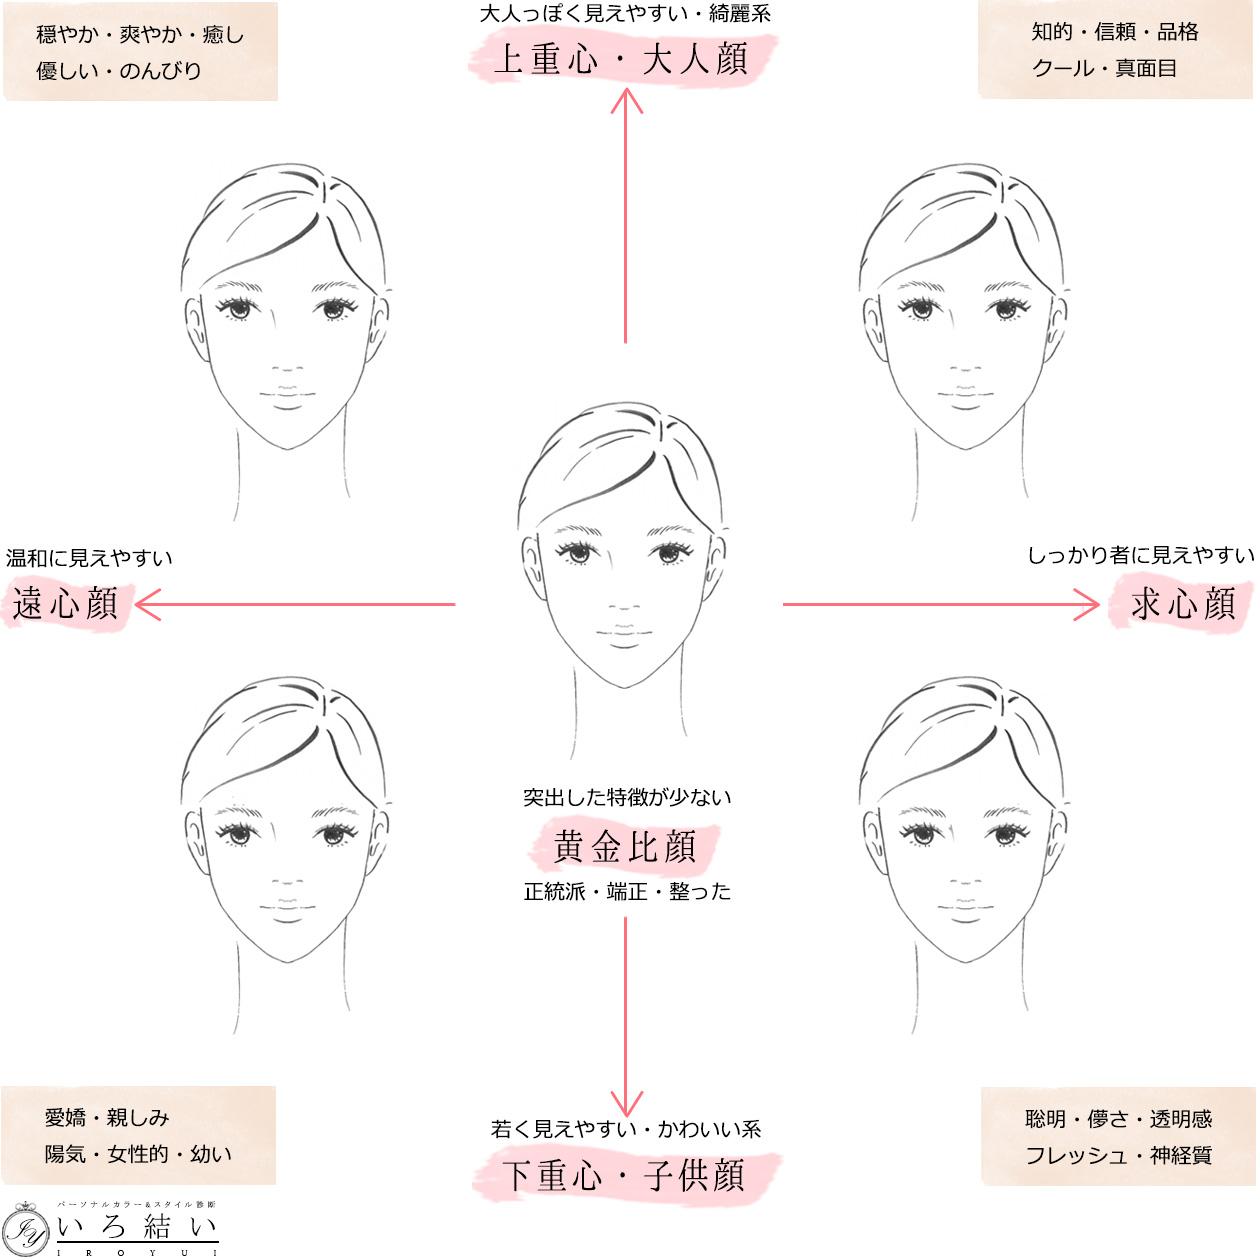 メイクレッスンで分析する遠心顔と求心顔の表